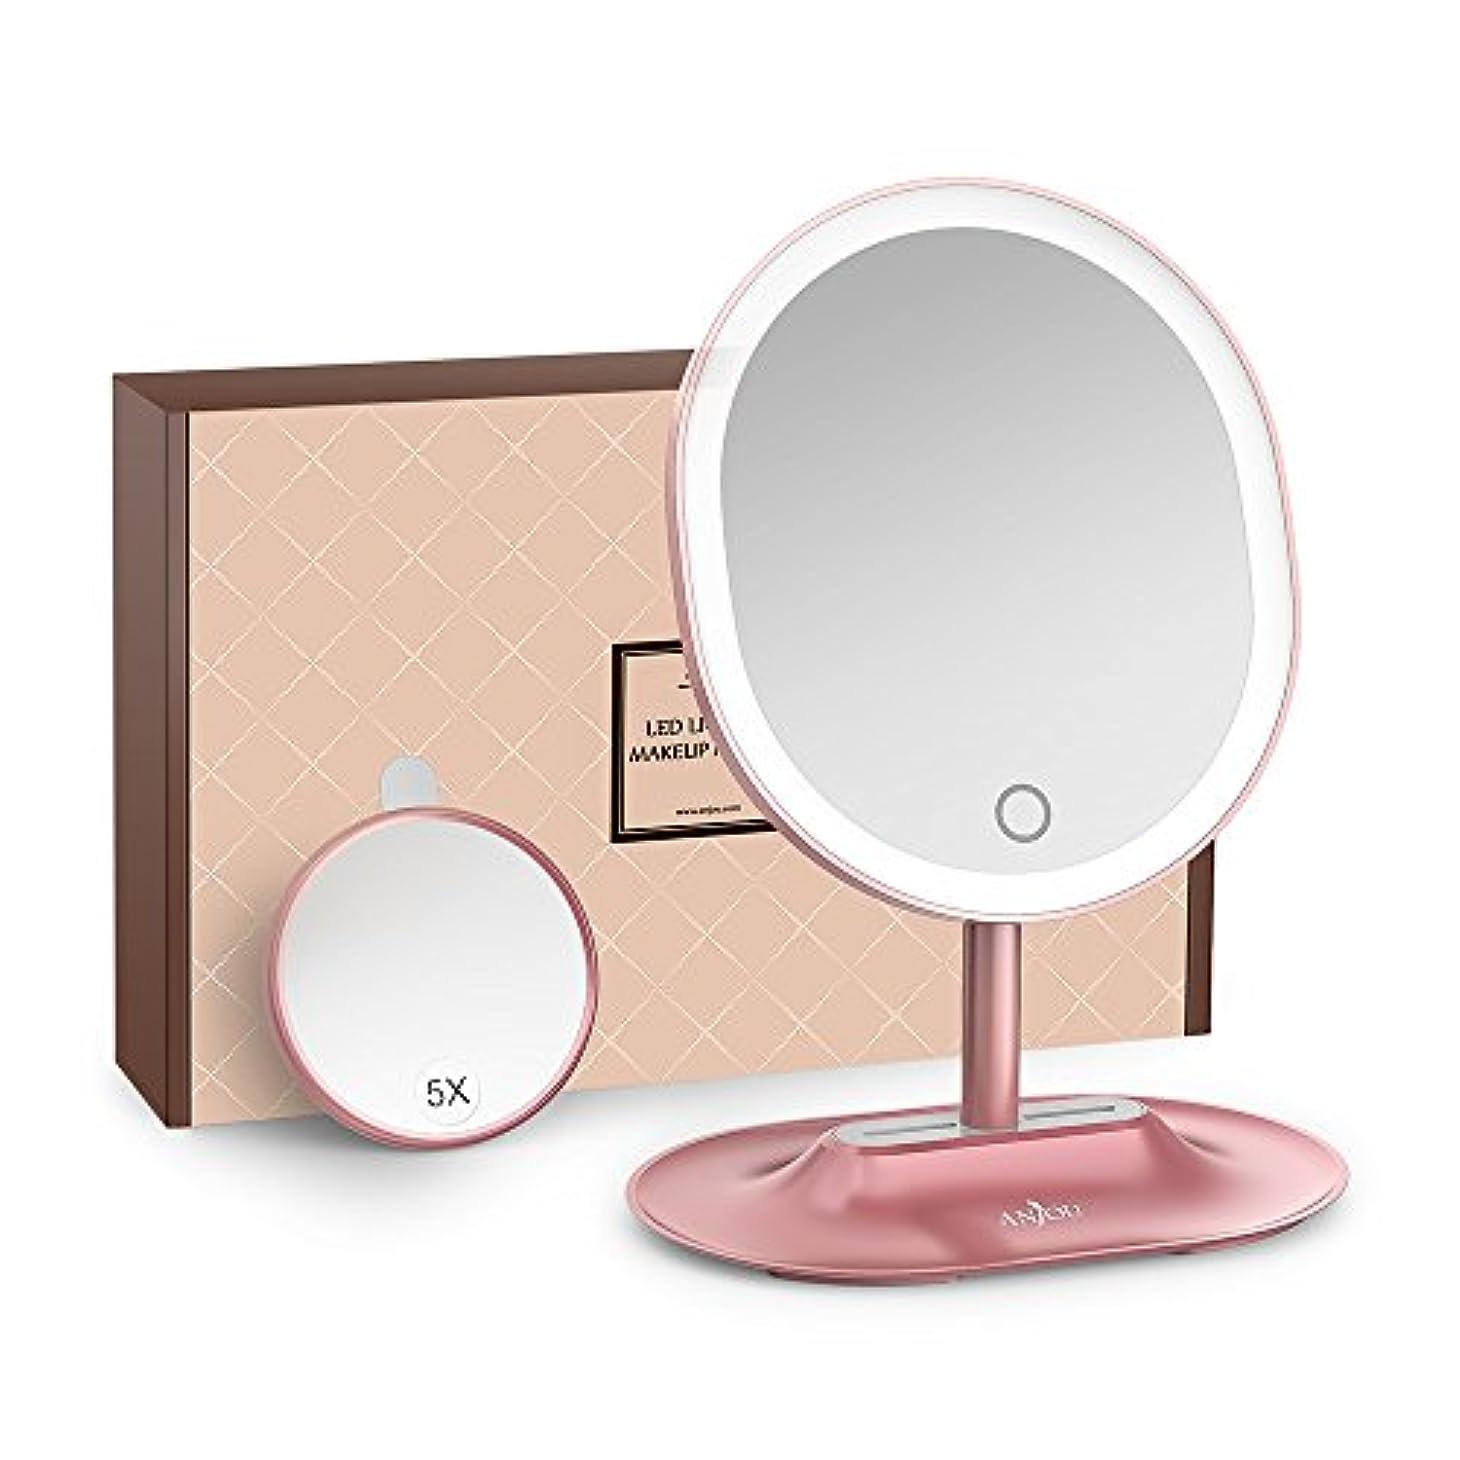 固める出くわすブローAnjou 化粧ミラー LED 卓上 5倍 拡大鏡 タッチパネル 明るさ調節可 メイク スタンドミラー 120度回転 USB充電 トレー付 (ローズゴールド) AJ-MTA005